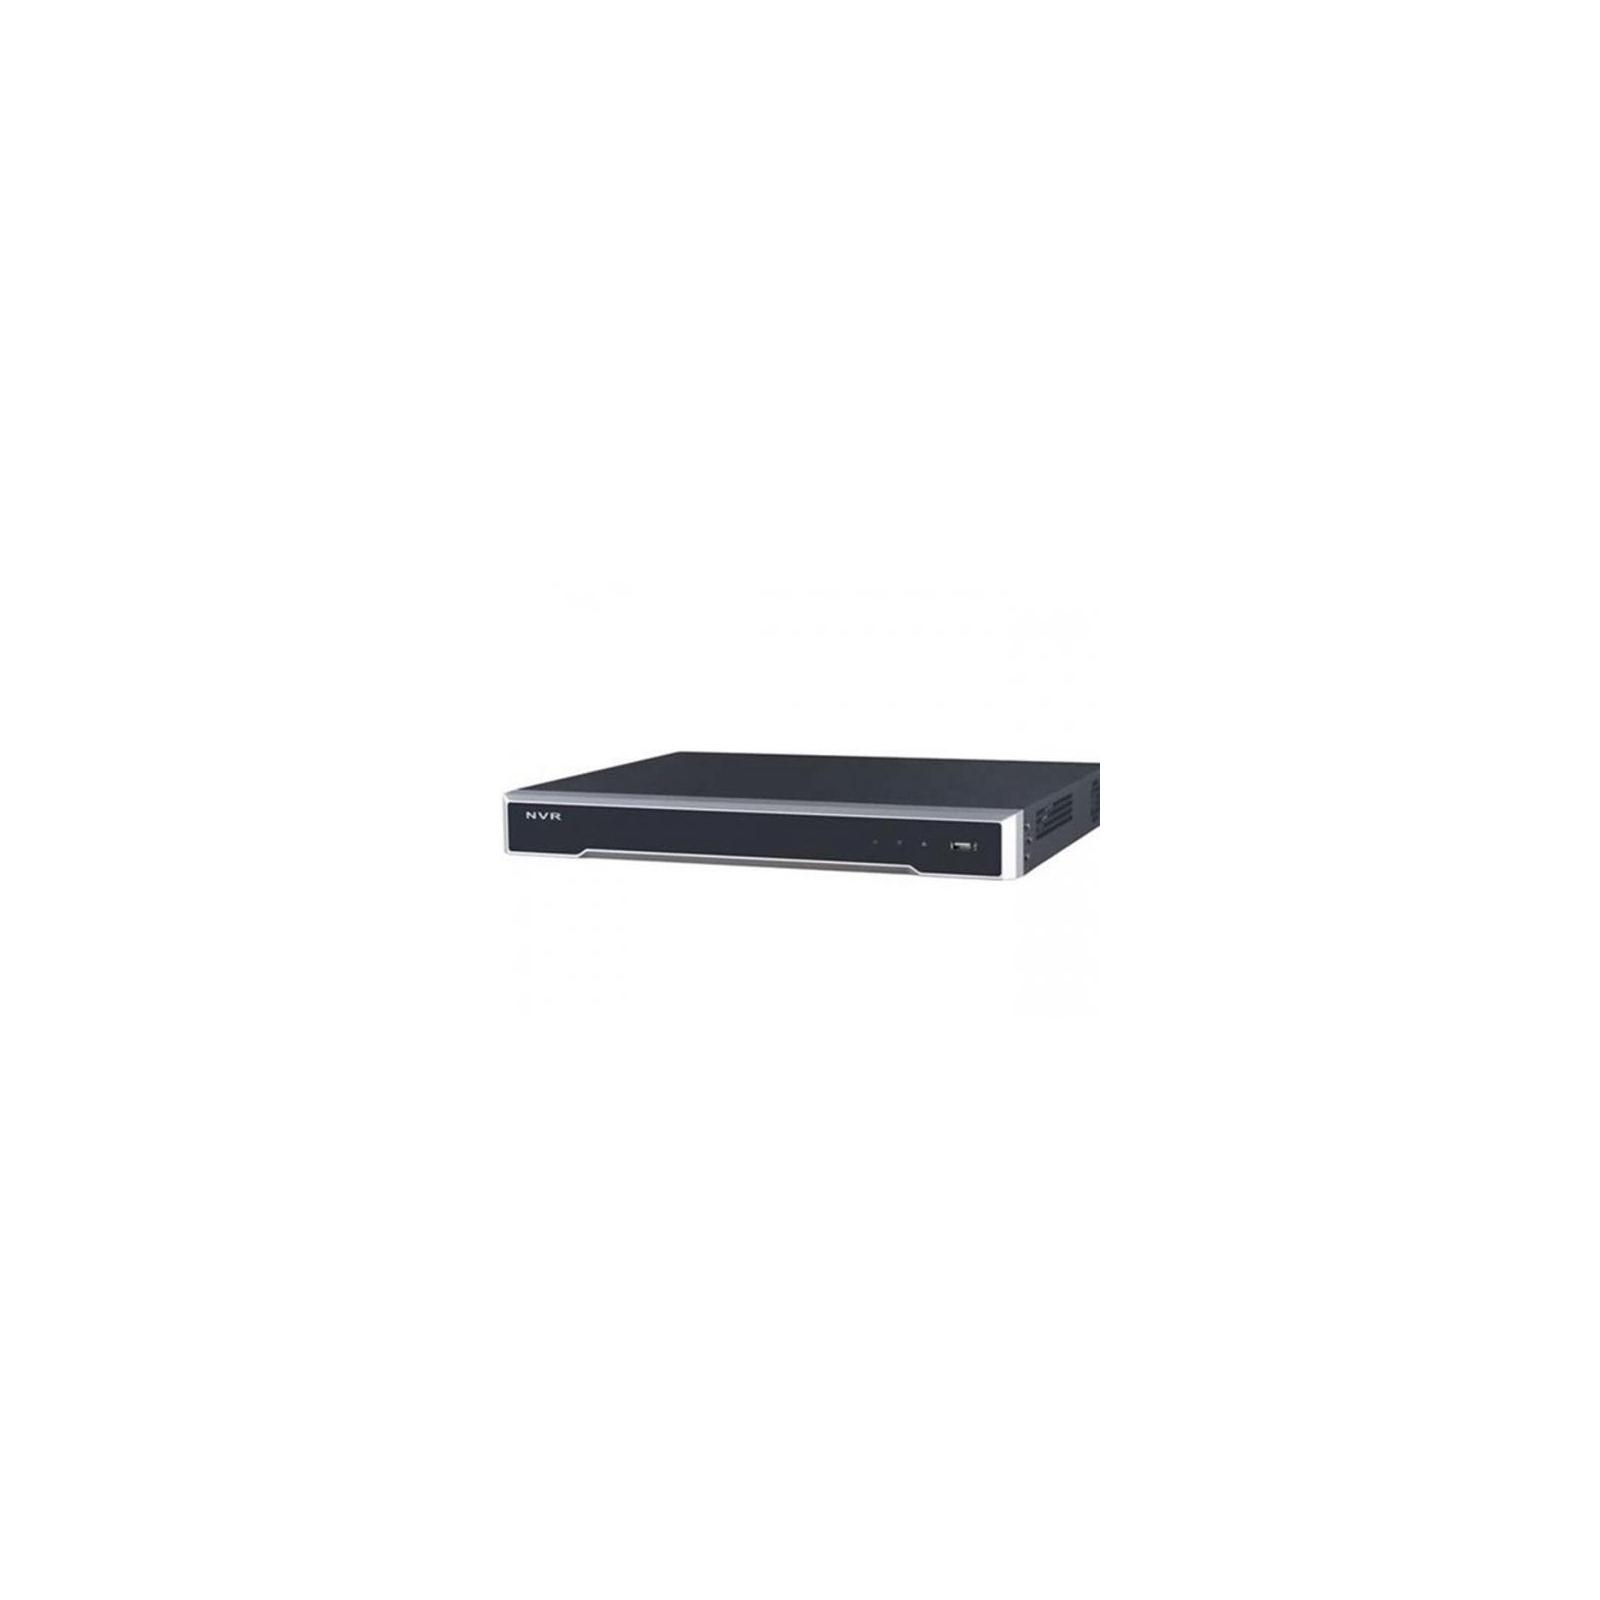 Регистратор для видеонаблюдения HikVision DS-7616NI-Q2 (160-80)